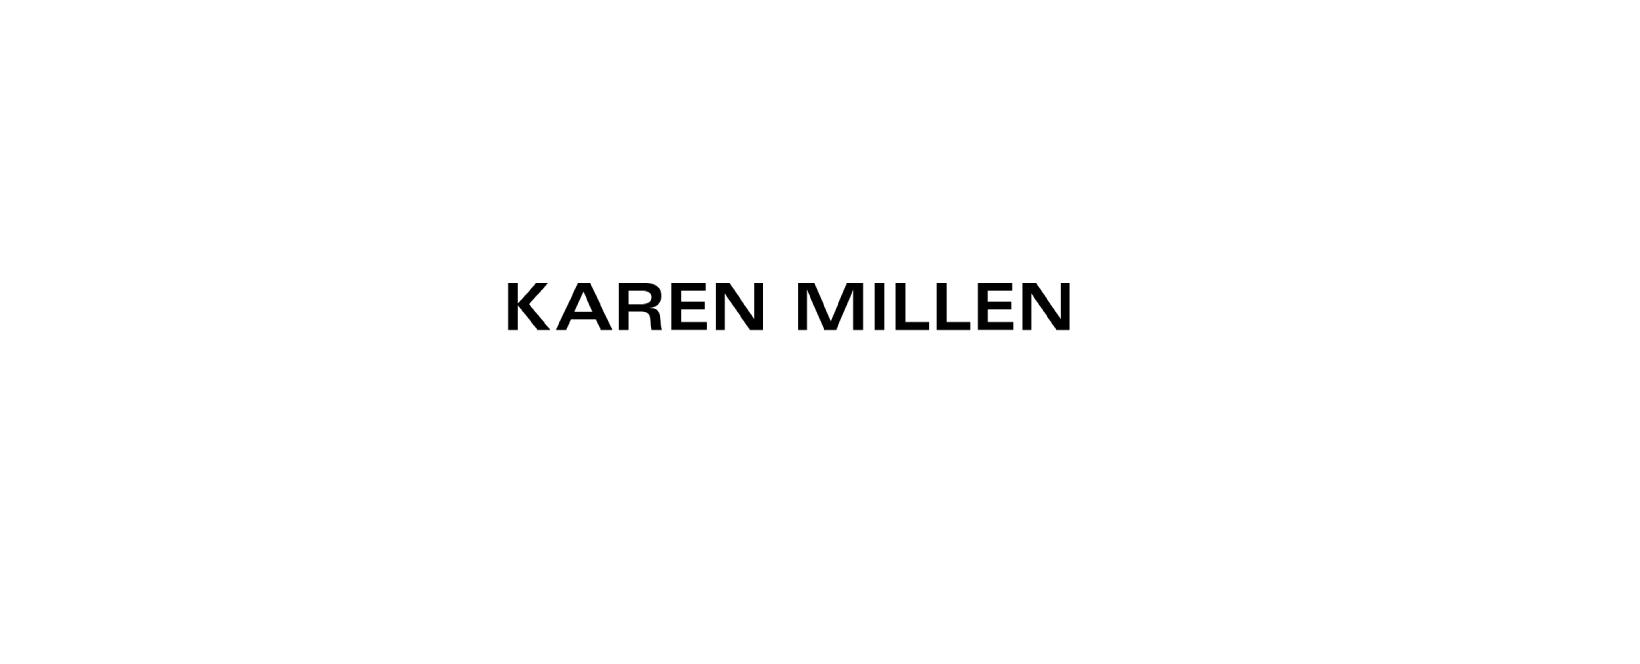 Karen Millen UK Discount Code 2021